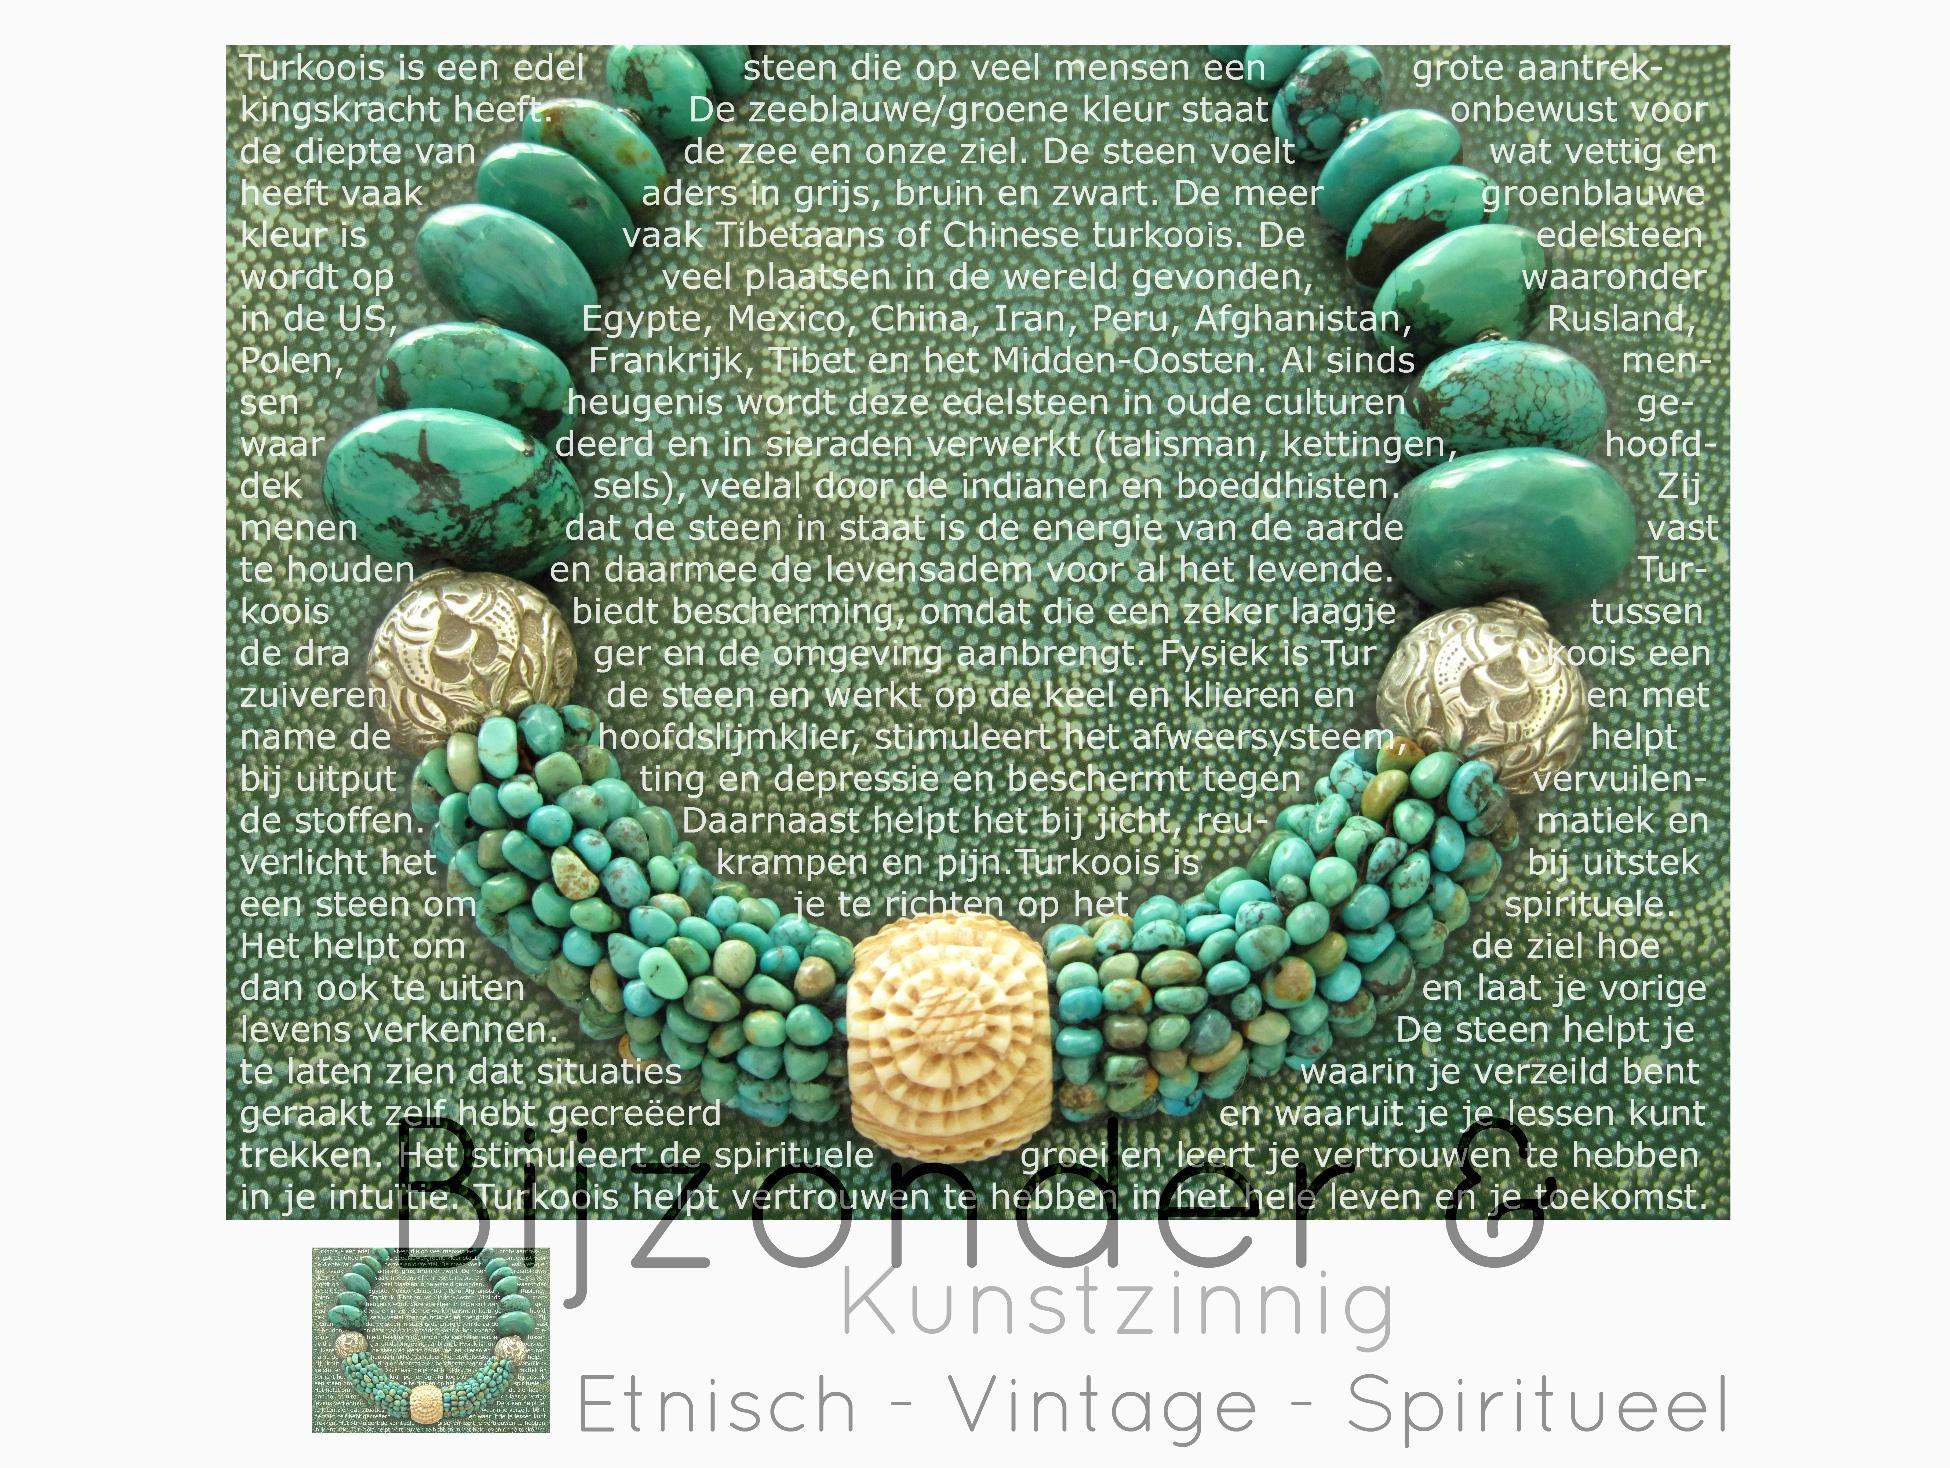 Kleurrijke Wereld Sieraden, edelsteen sieraden, etnische Juwelen, edelstenen, handelskralen, trade beads, edelmetalen, kralen, etnisch, vintage, spiritueel, ethnic jewelry, gemstone jewelry